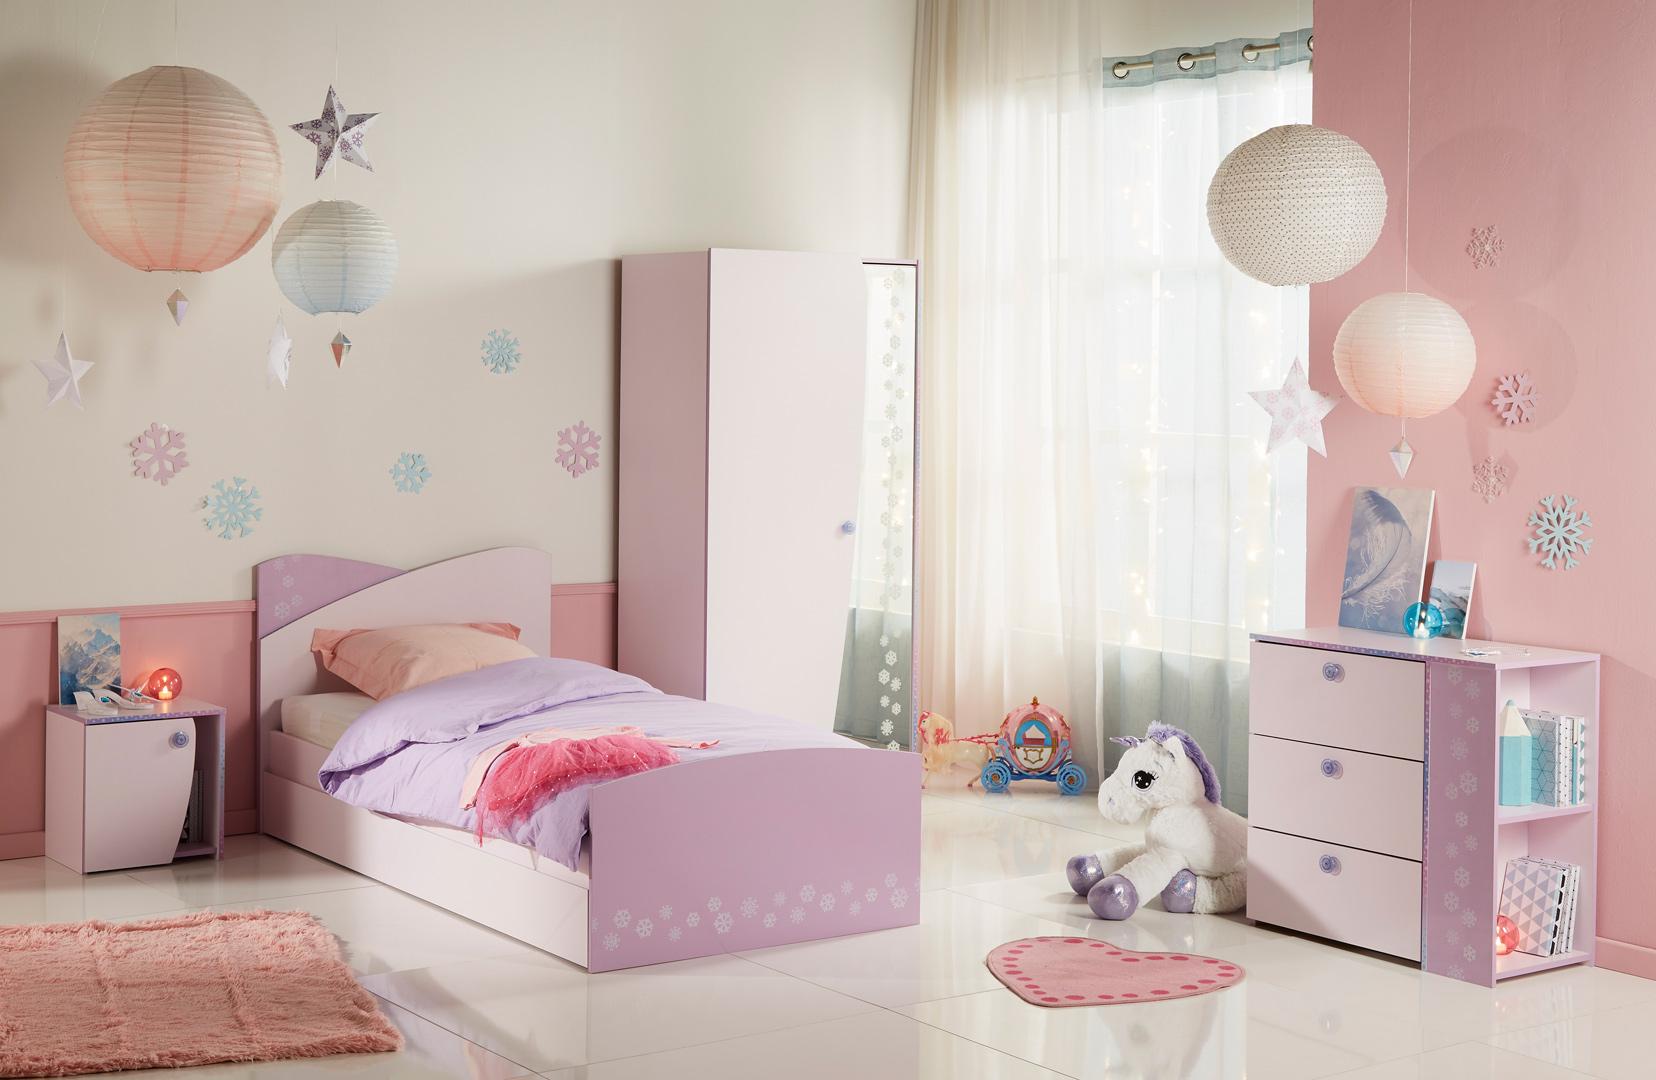 Chambre enfant contemporaine coloris rose/lilas Flocon